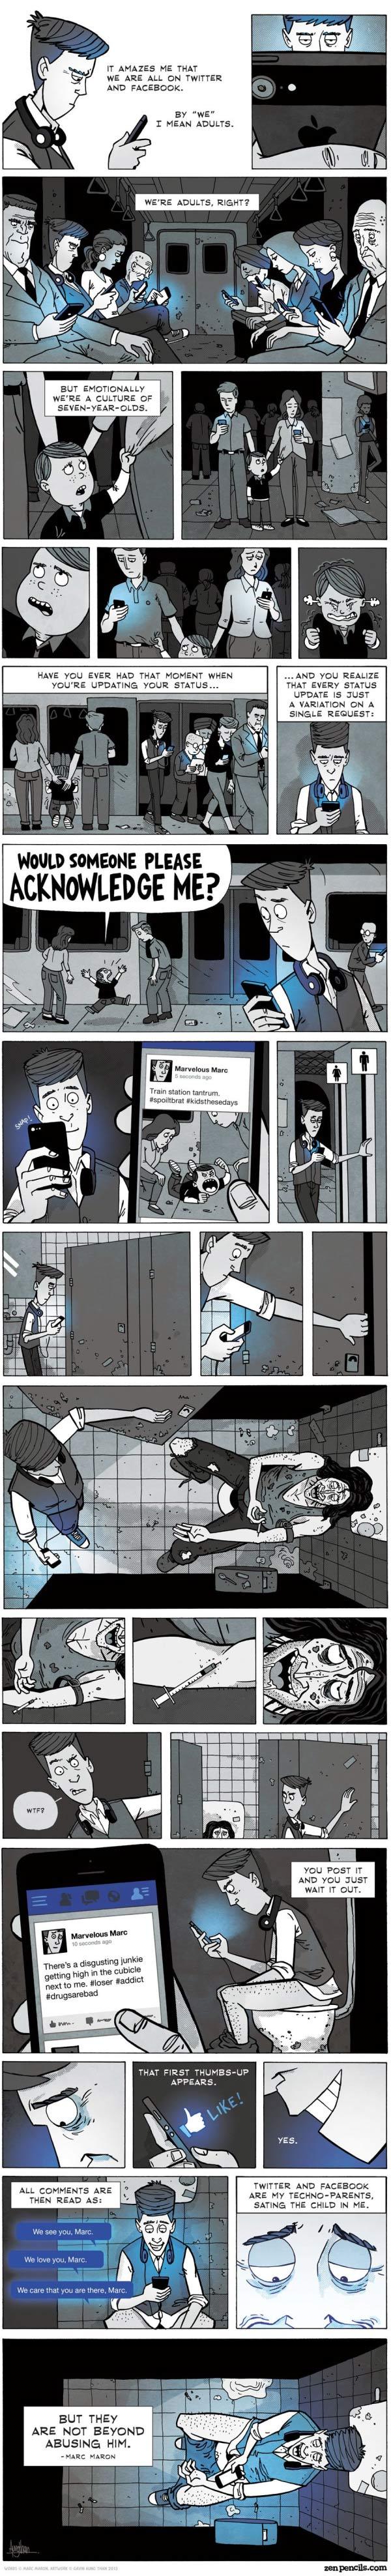 social-media-generation